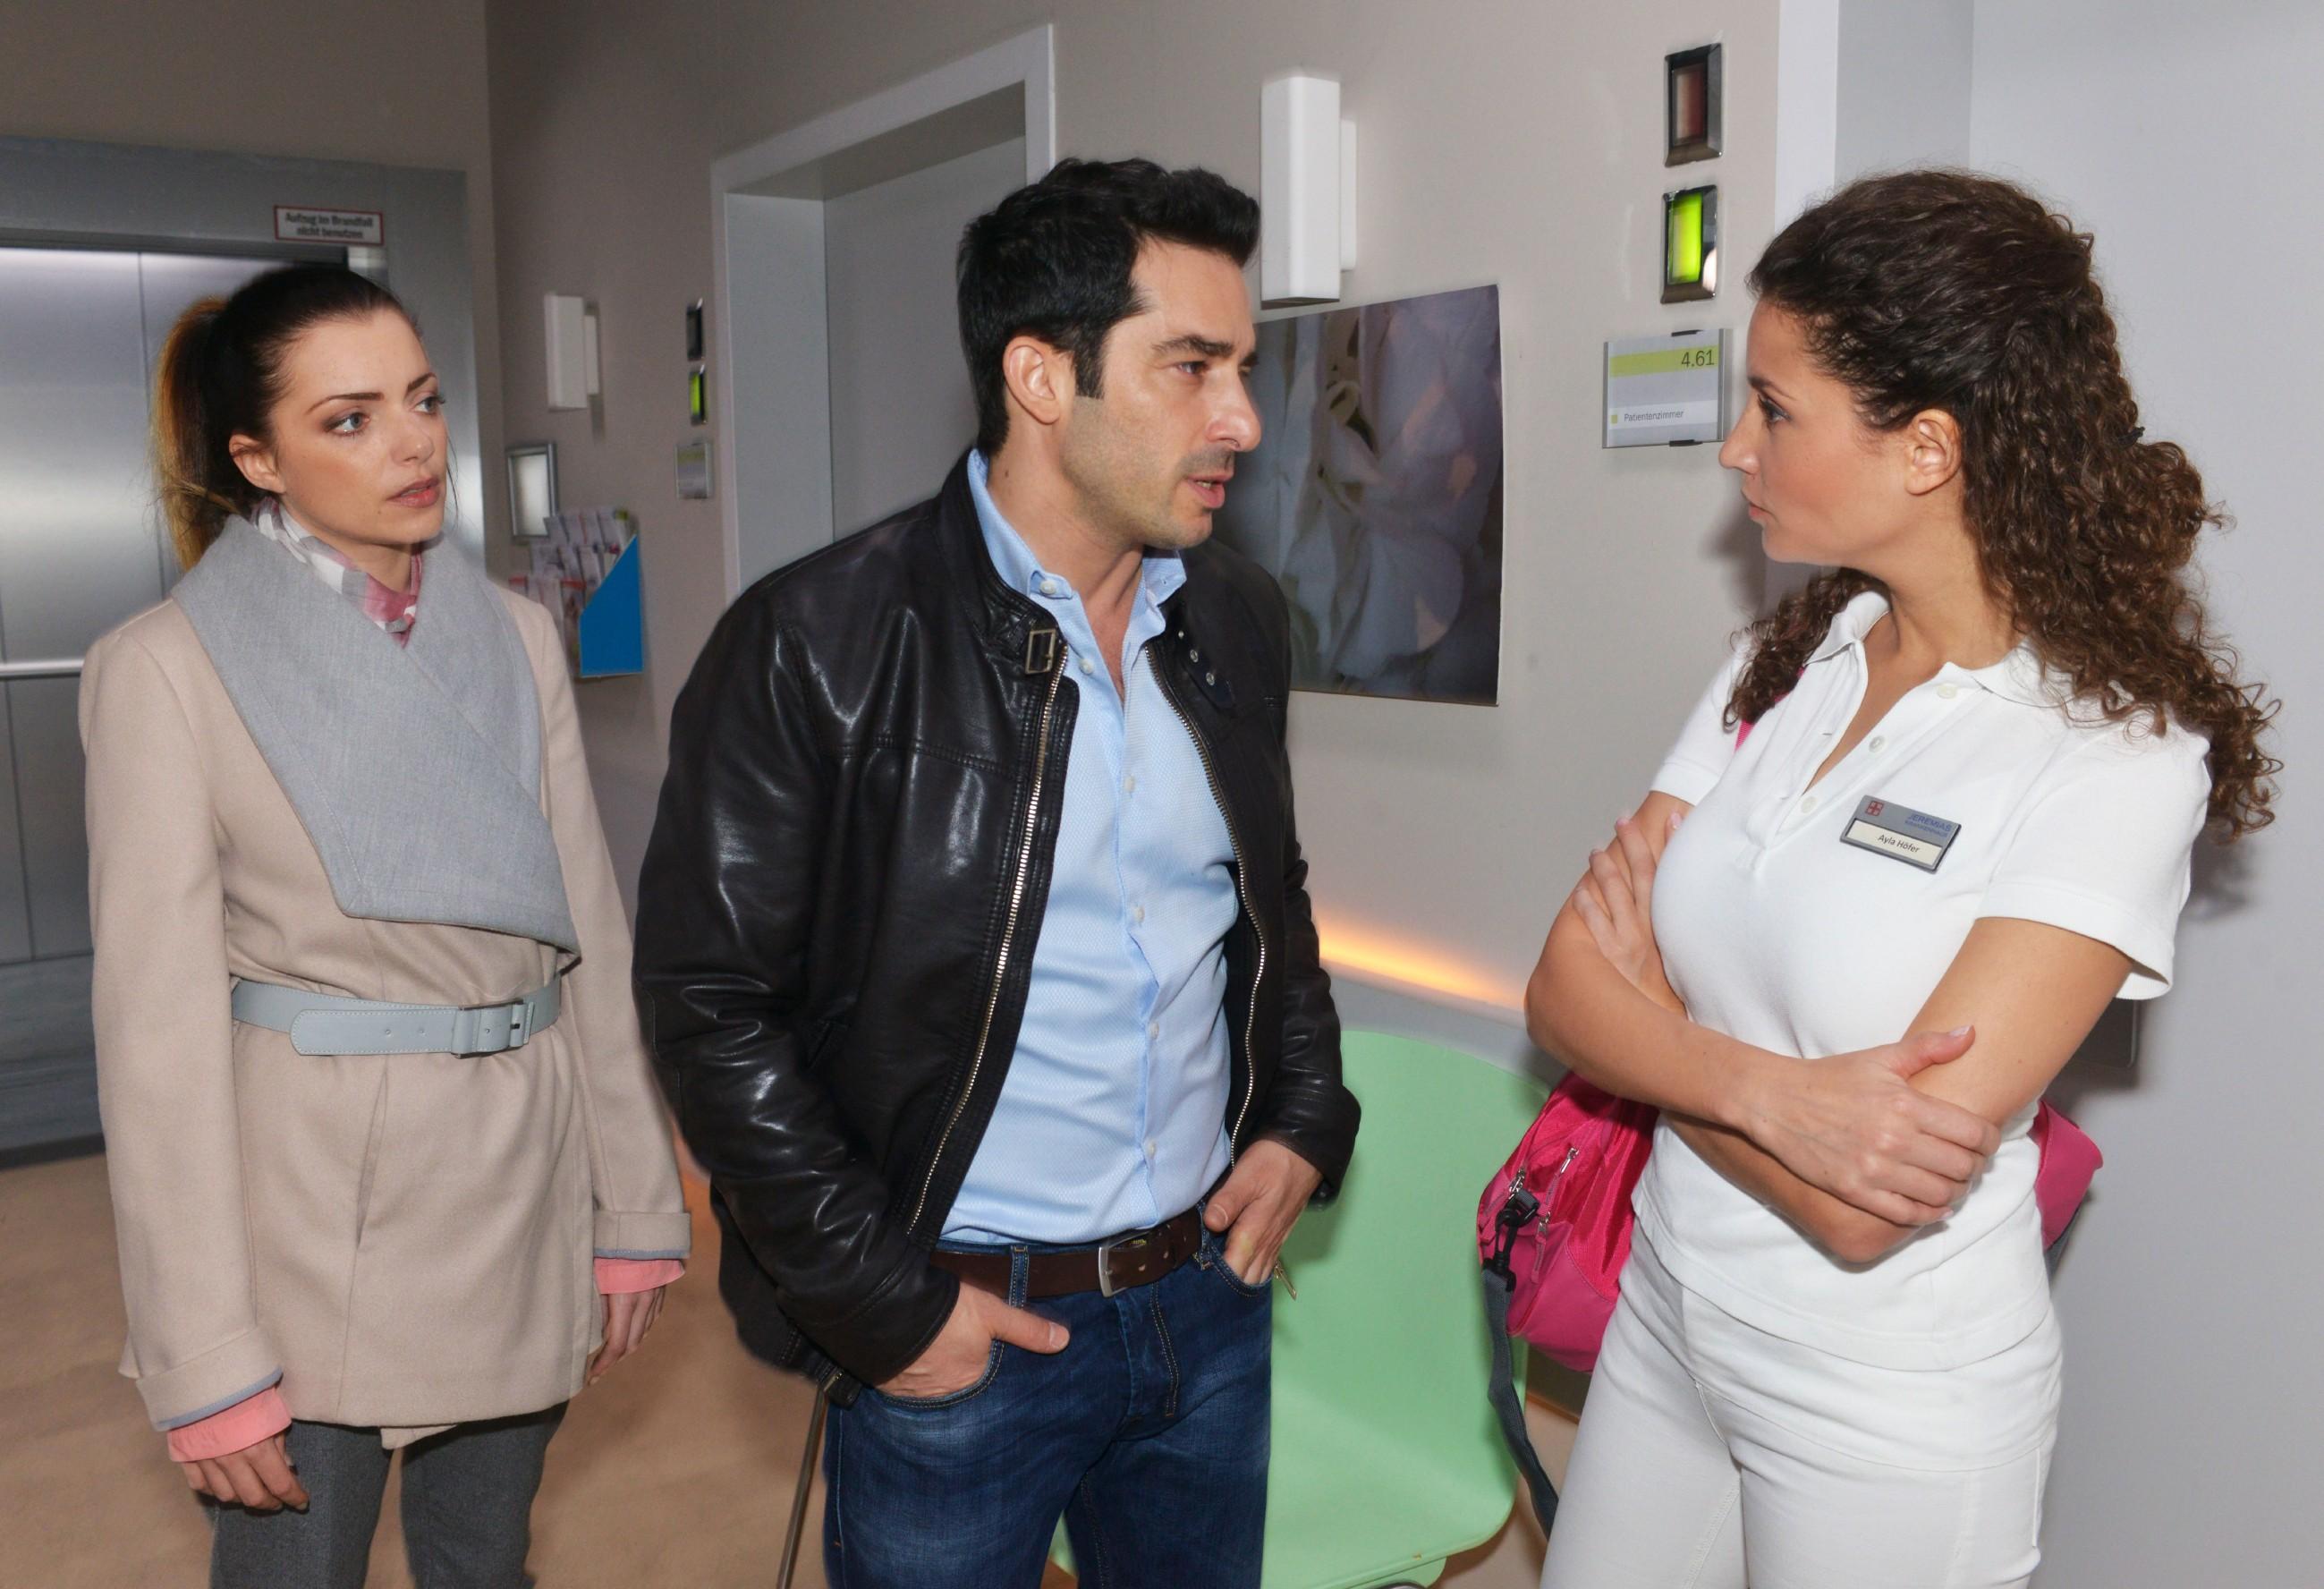 Emily (Anne Menden, l.) hat kein Verständnis dafür, dass Tayfun (Tayfun Baydar) mit seinem Leben anscheinend schon abgeschlossen hat und sich bereits von Ayla (Nadine Menz) verabschiedet. (Quelle: RTL / Rolf Baumgartner)